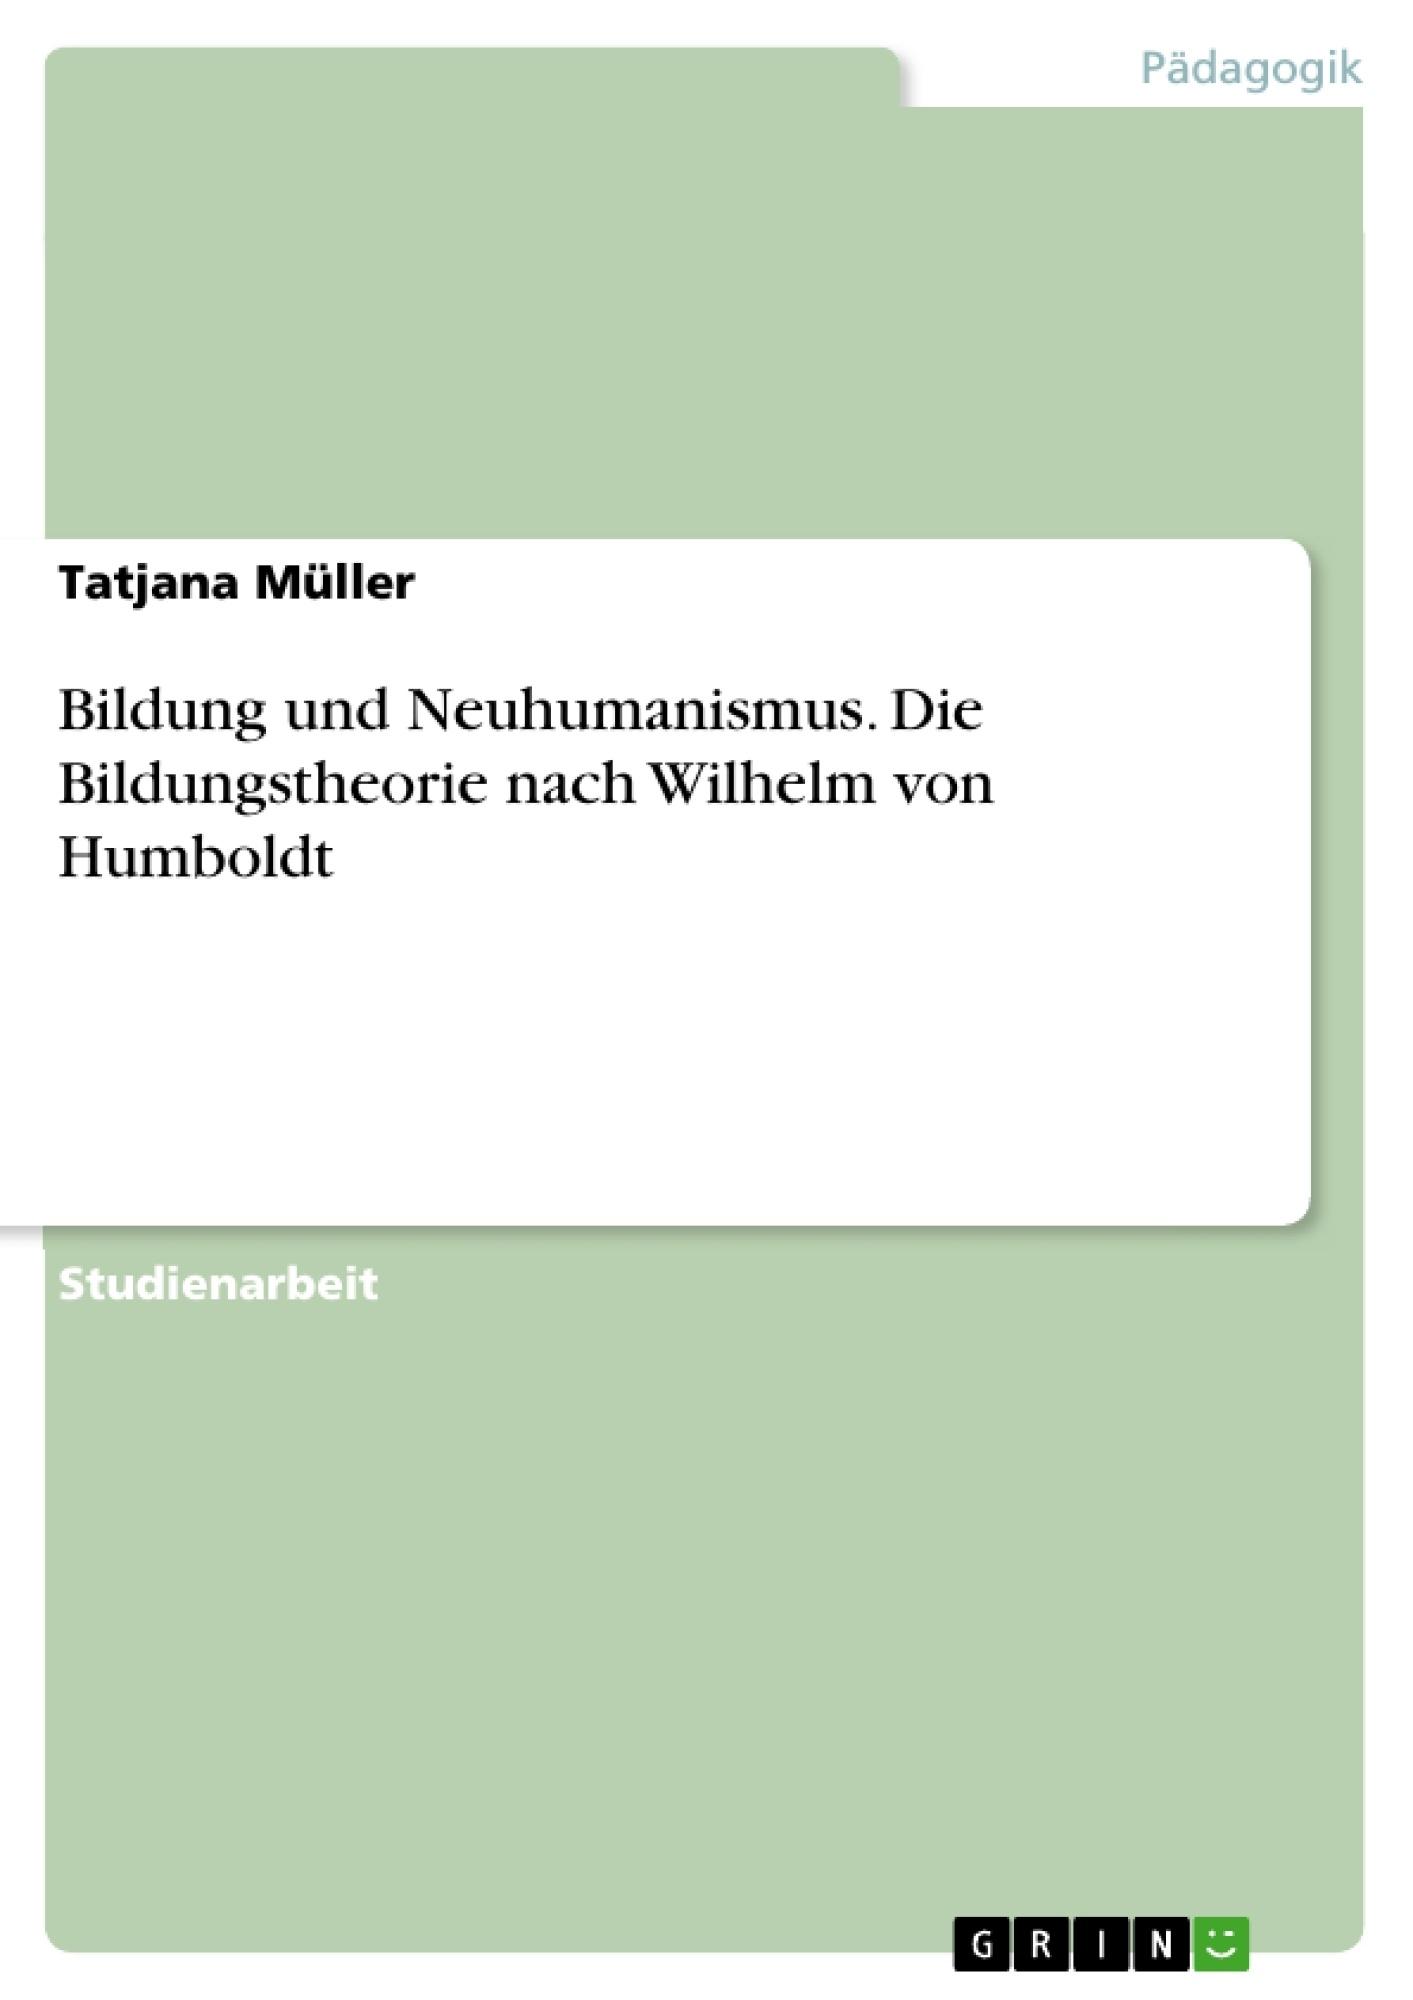 Titel: Bildung und Neuhumanismus. Die Bildungstheorie nach Wilhelm von Humboldt